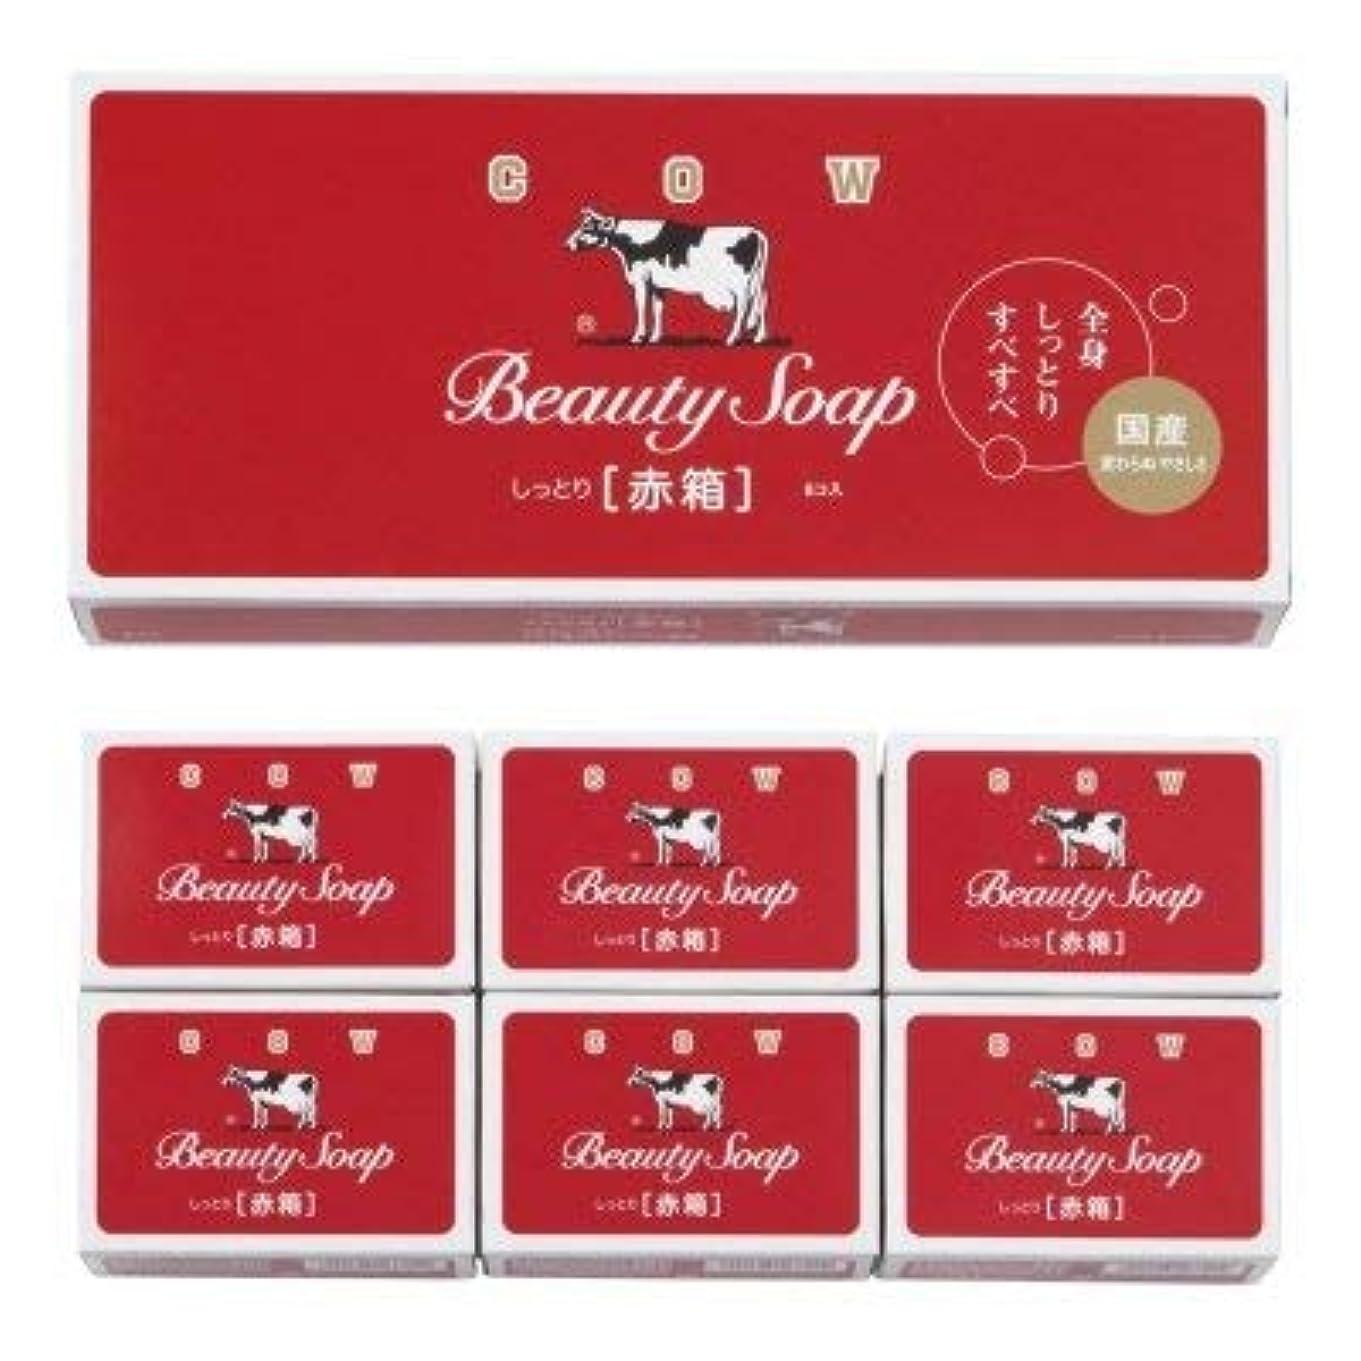 おんどり構築するポインタ【国産】牛乳石鹸 カウブランド 赤箱6コ入 (12個1セット)